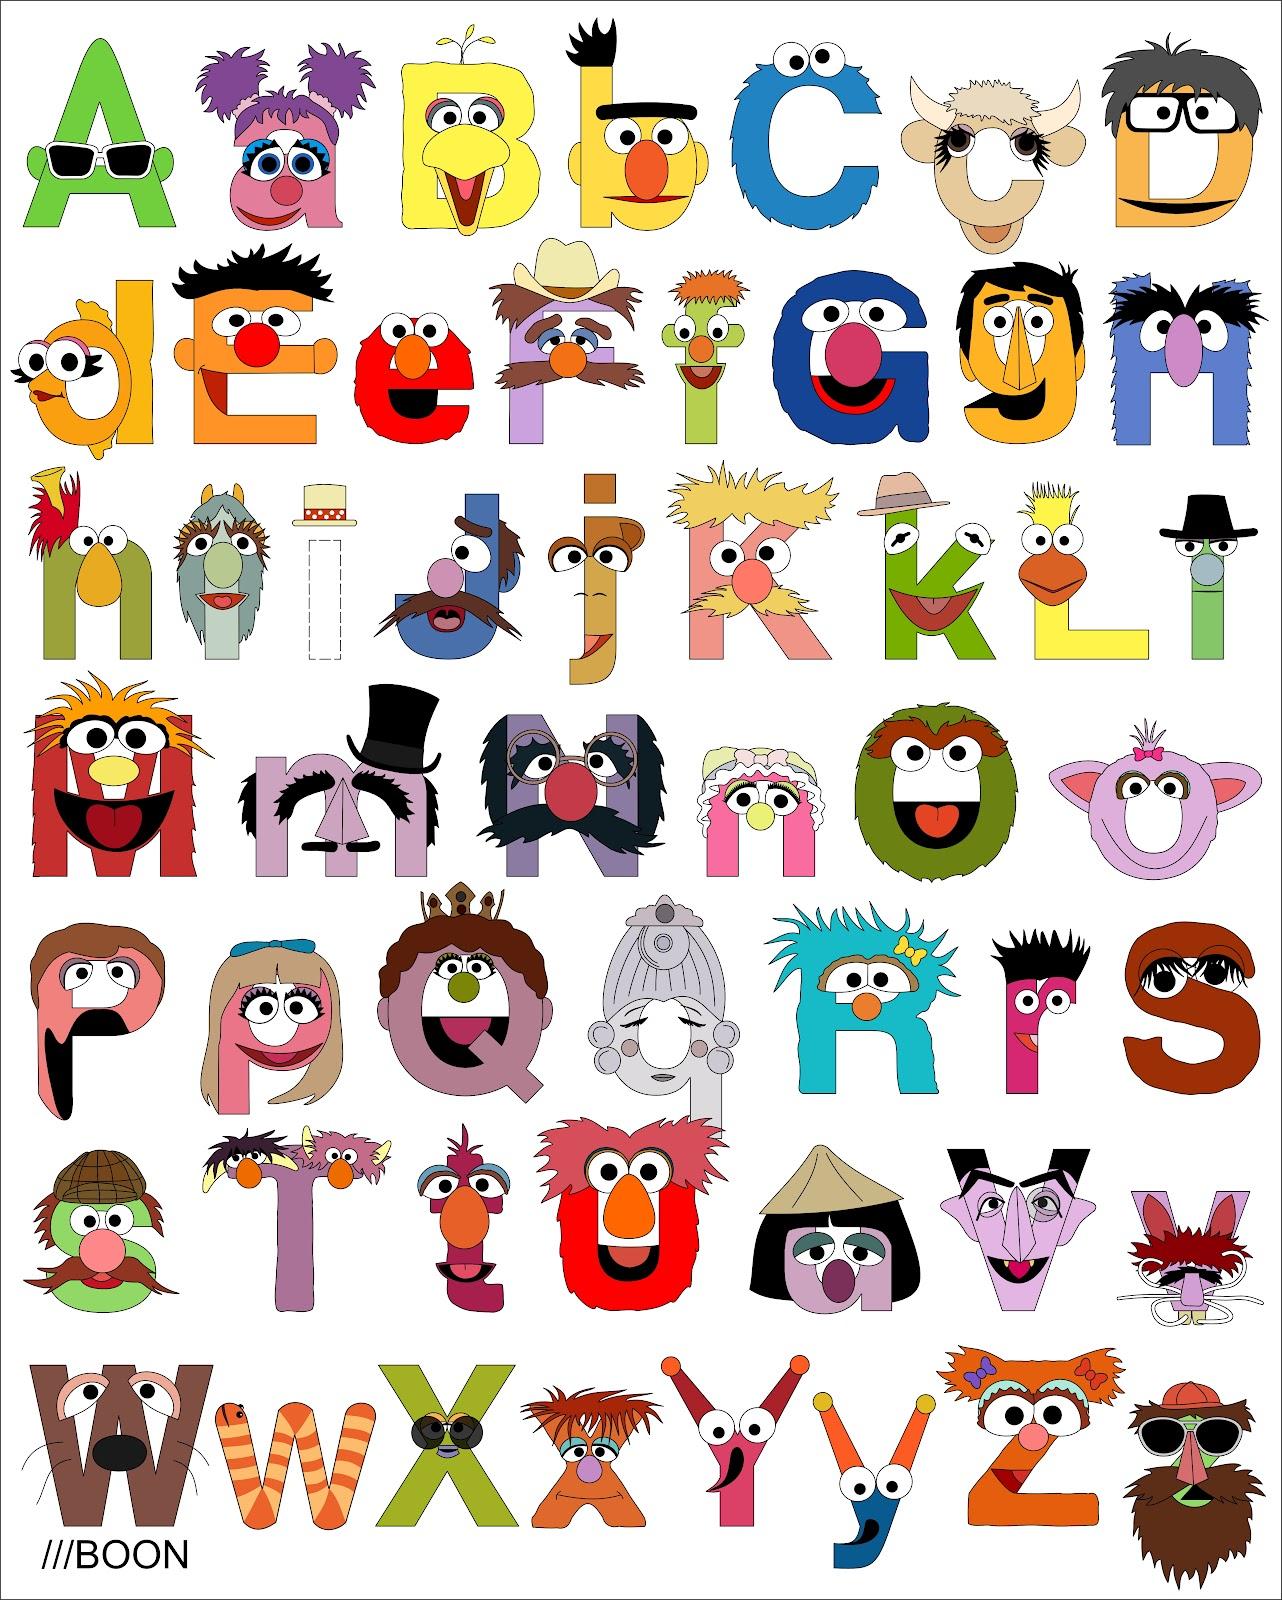 ... .blogspot.com/2012/02/sesame-street-alphabet.html for a key